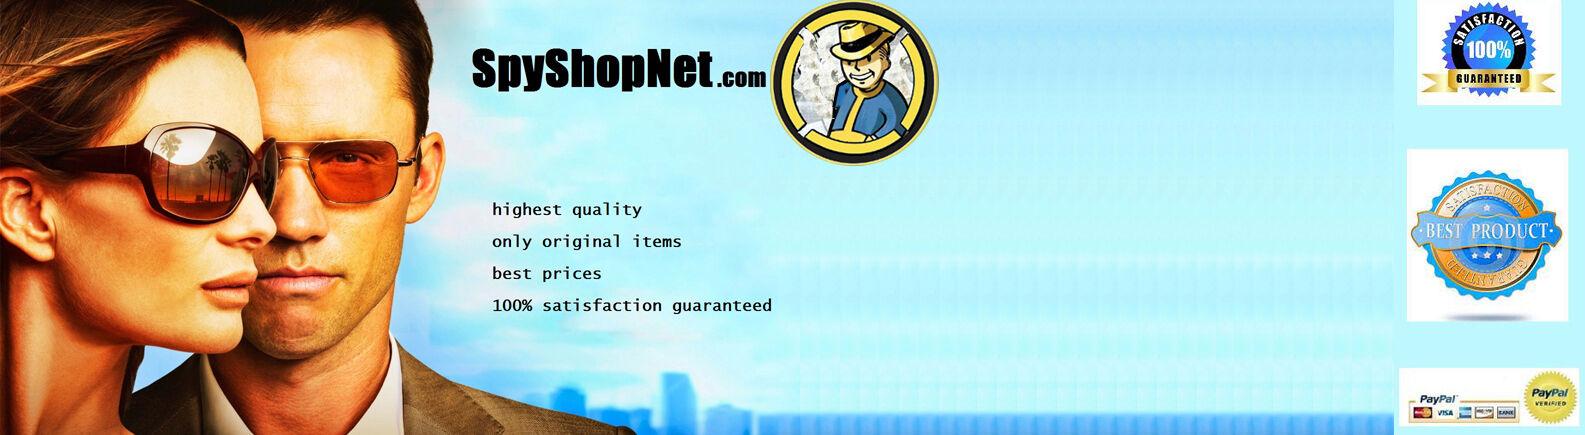 spyshopnet